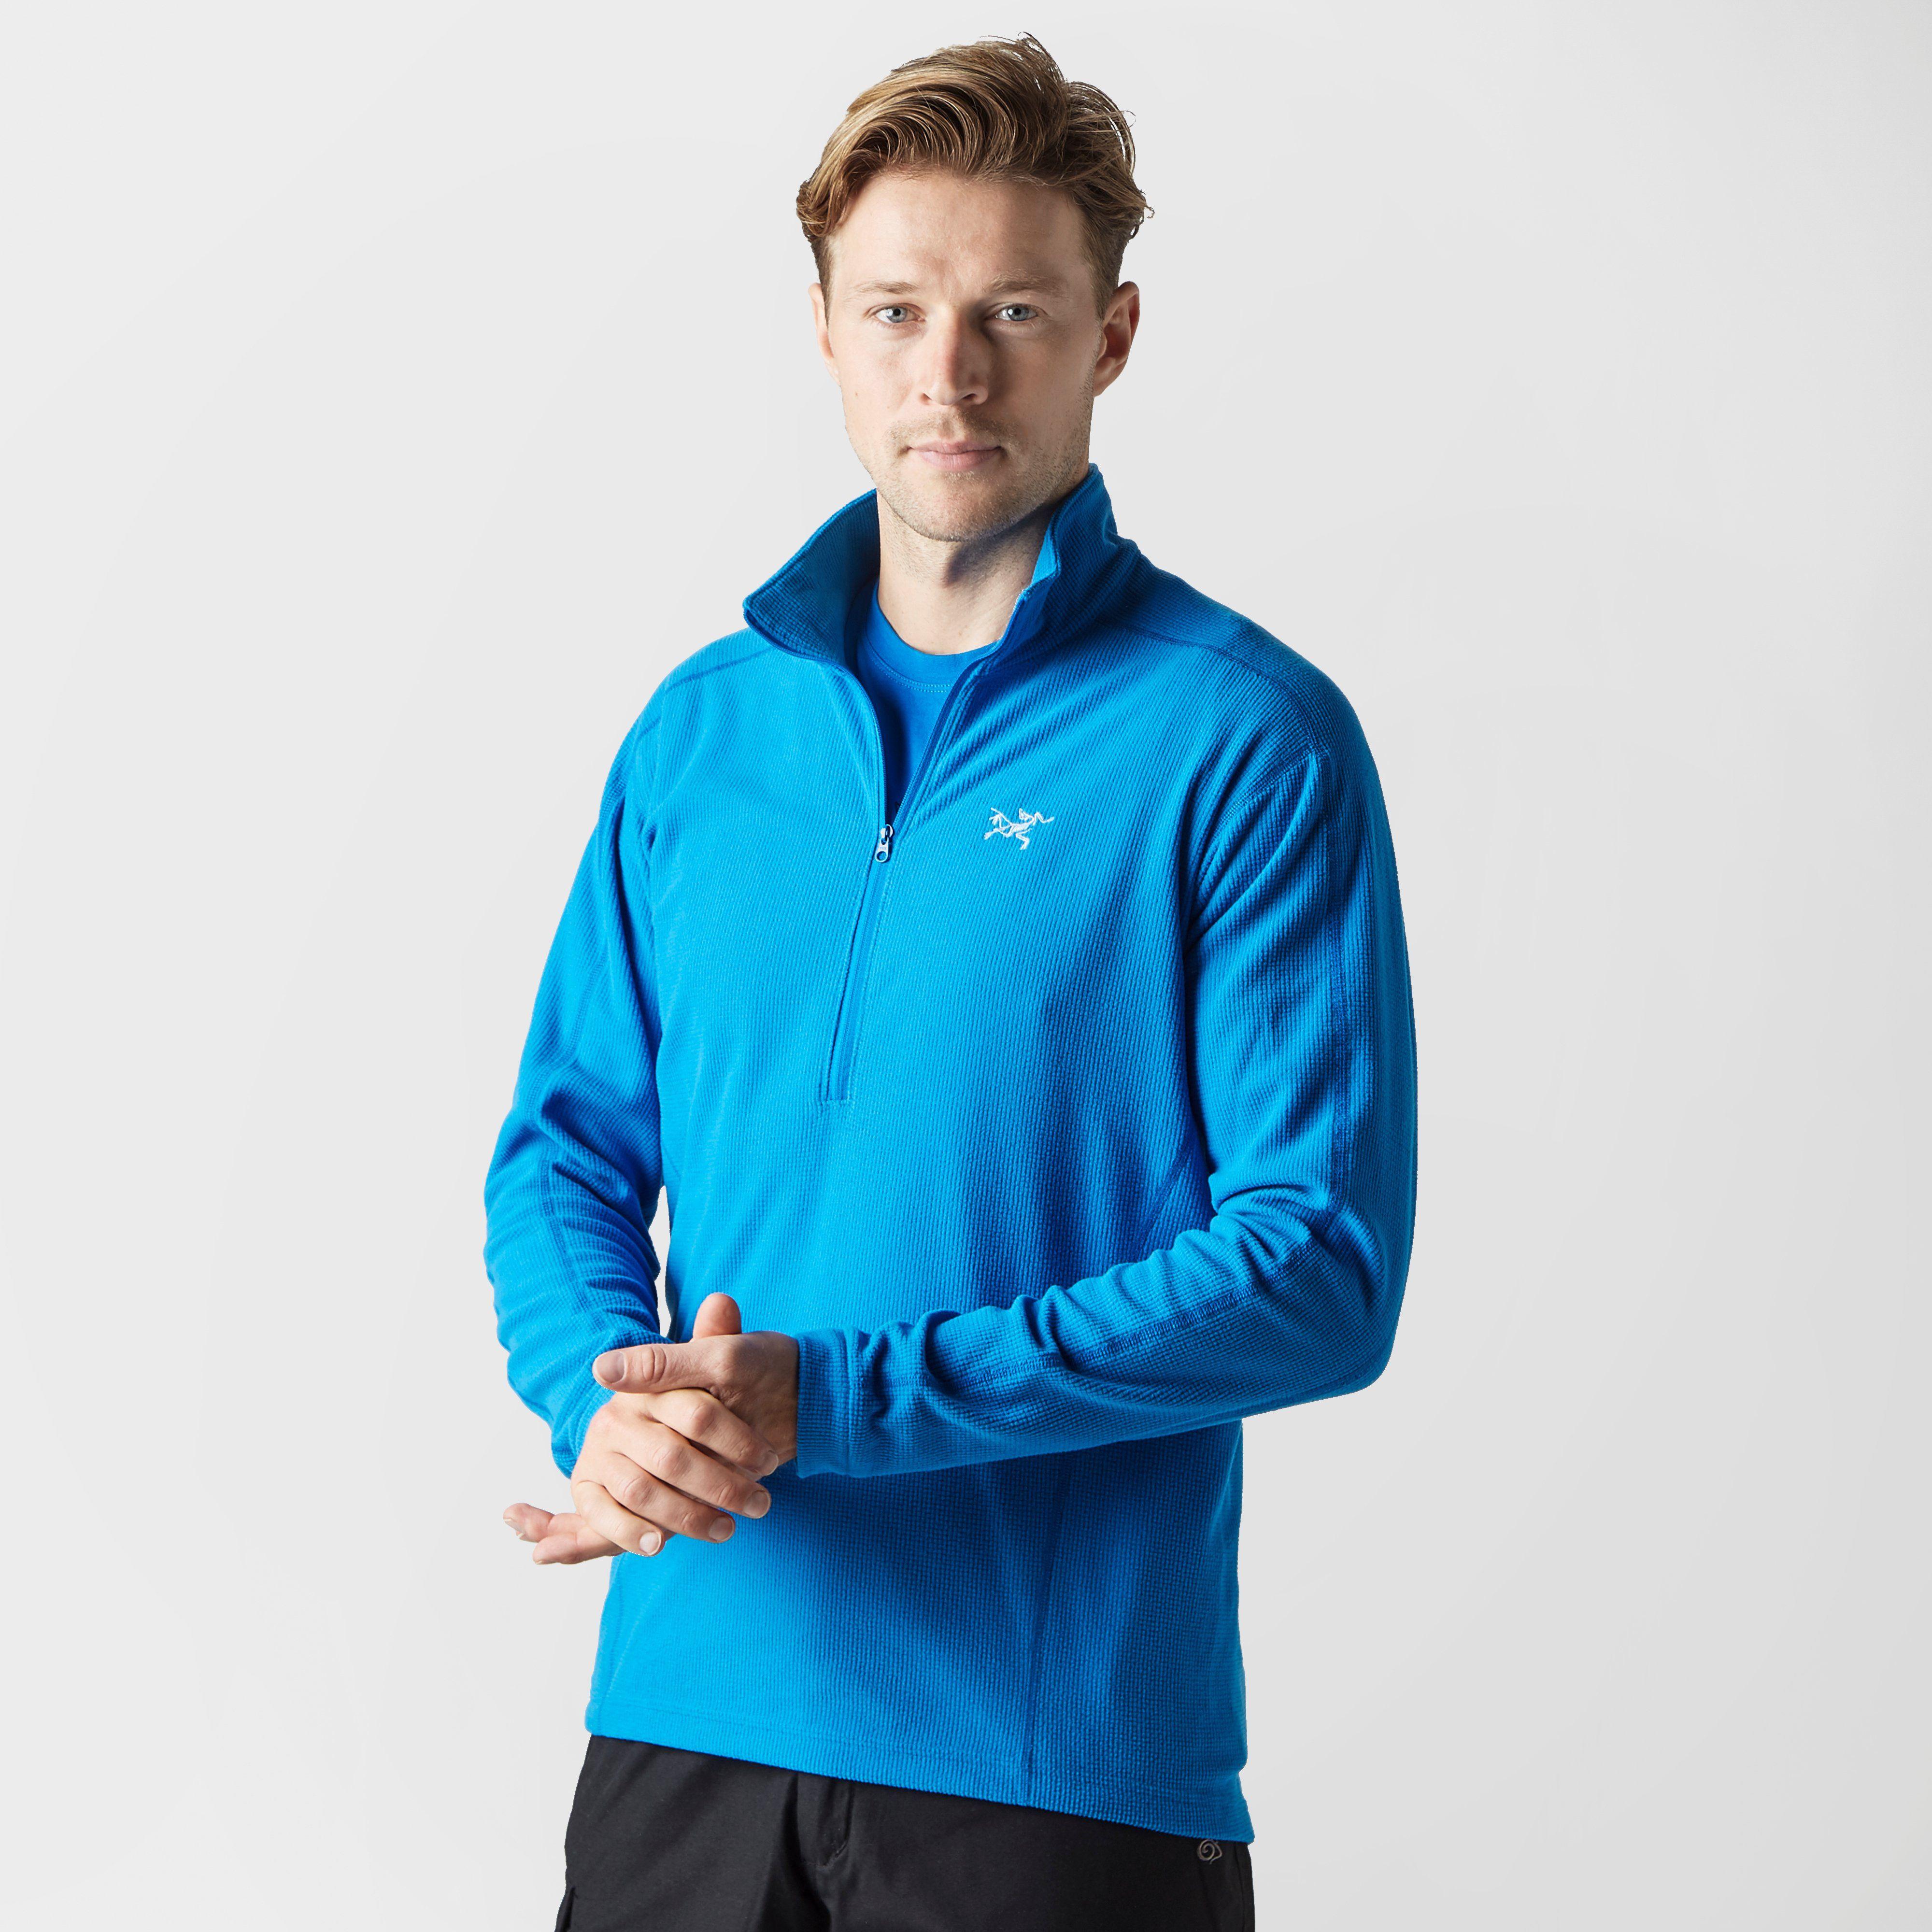 ARC'TERYX Men's Delta LT Full Zip Fleece